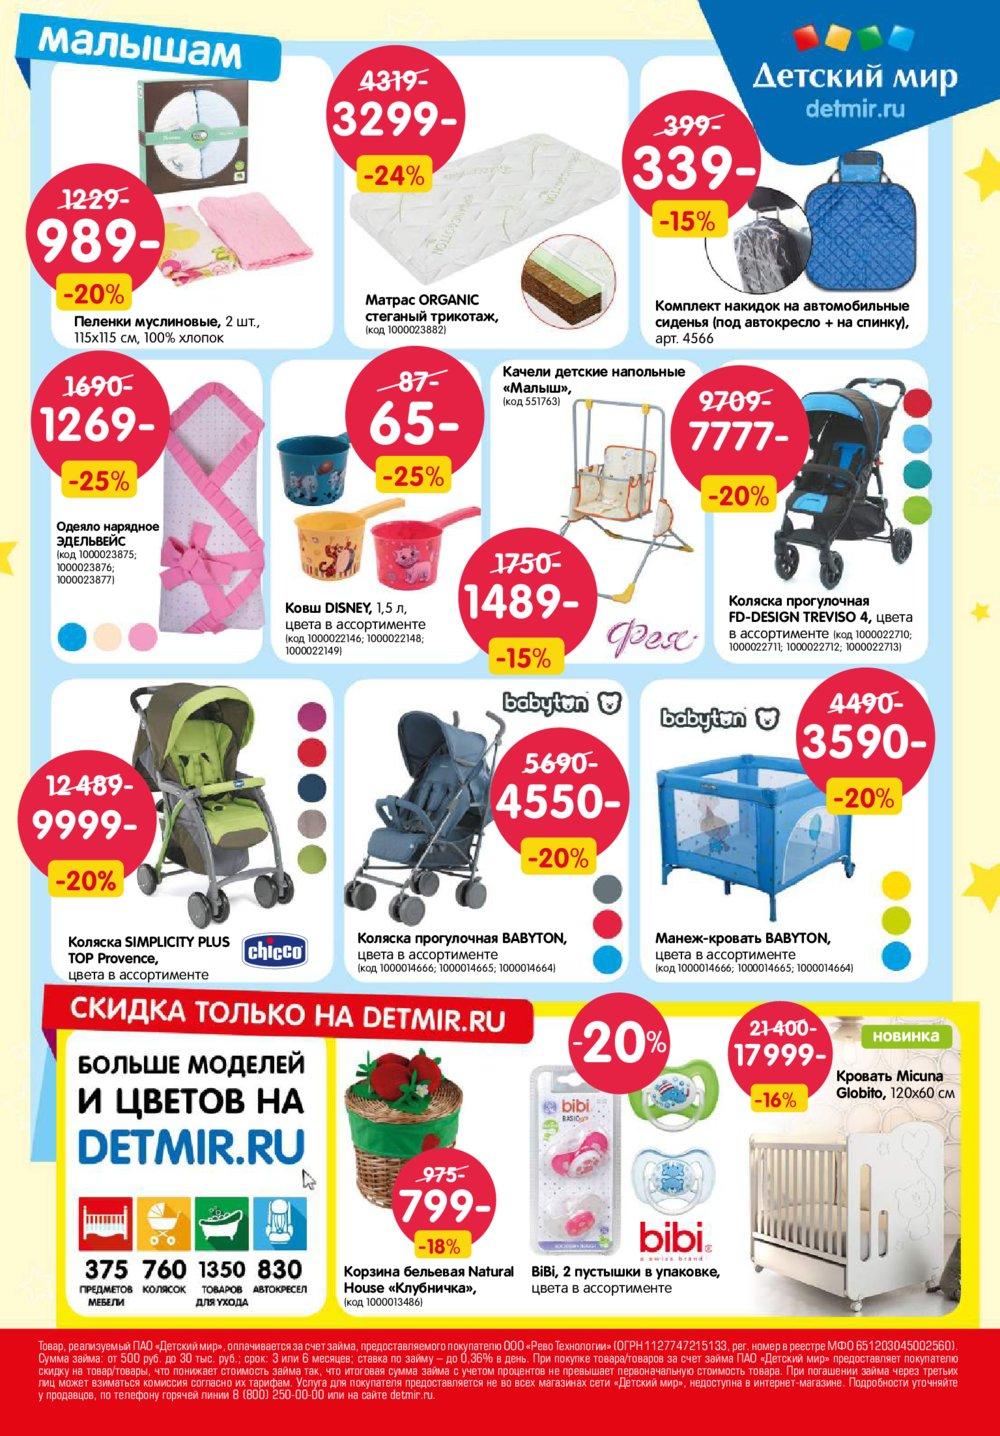 детский мир перми магазин игрушек каталог товаров приспосабливаются покупают детское